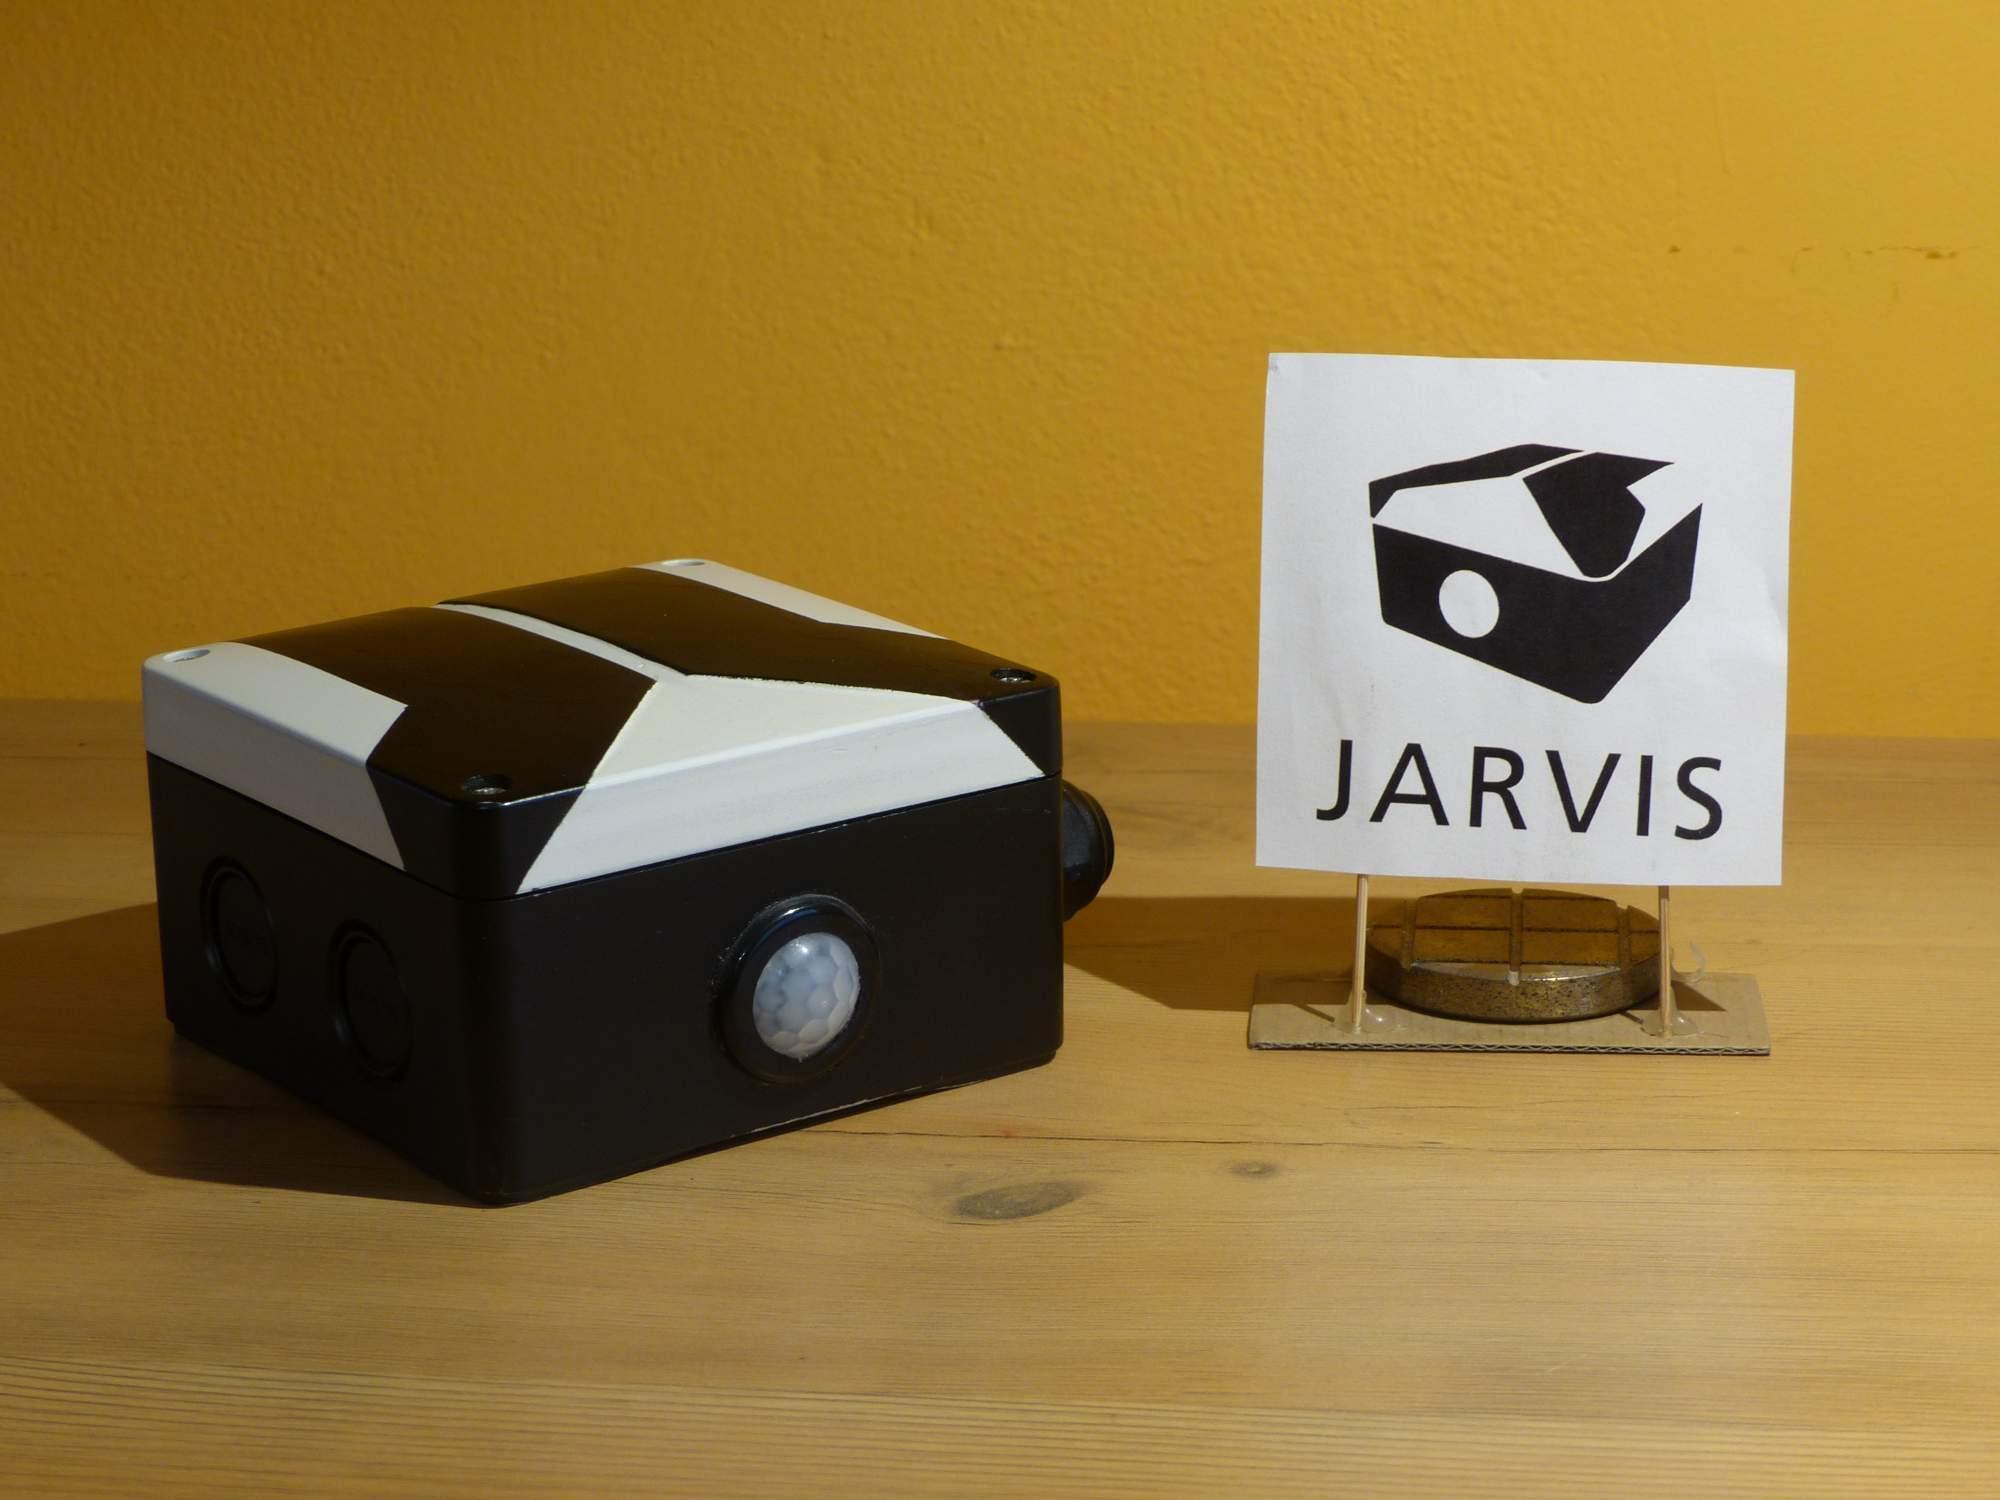 Jarvis je inspirován stejnojmenným systémem z filmu Iron Man. Foto: Jan Mazáč